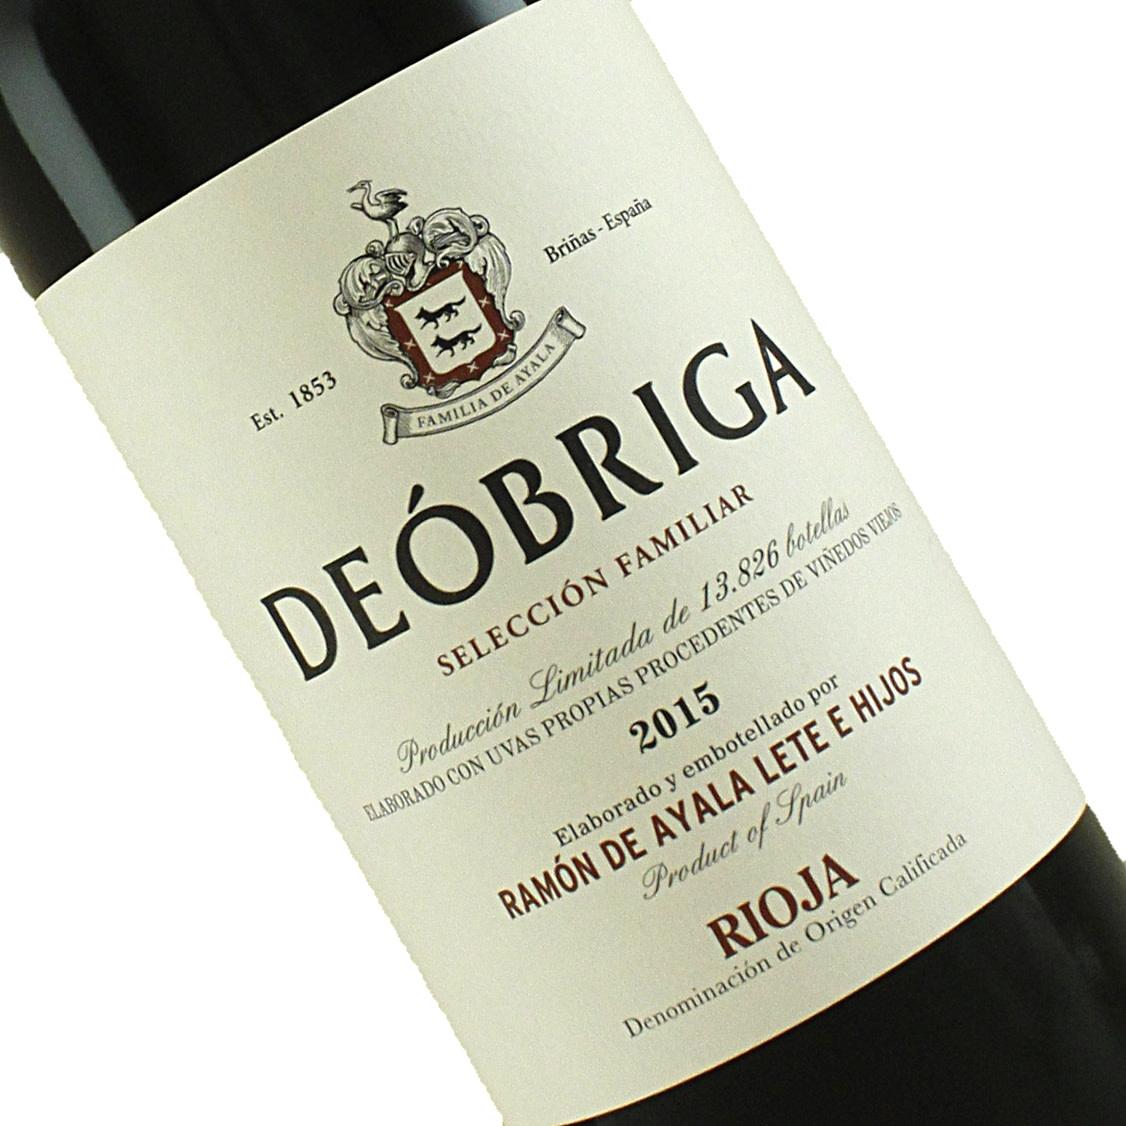 Ramon de Ayala Deobriga 2015 Rioja Seleccion Familiar, Rioja Spain